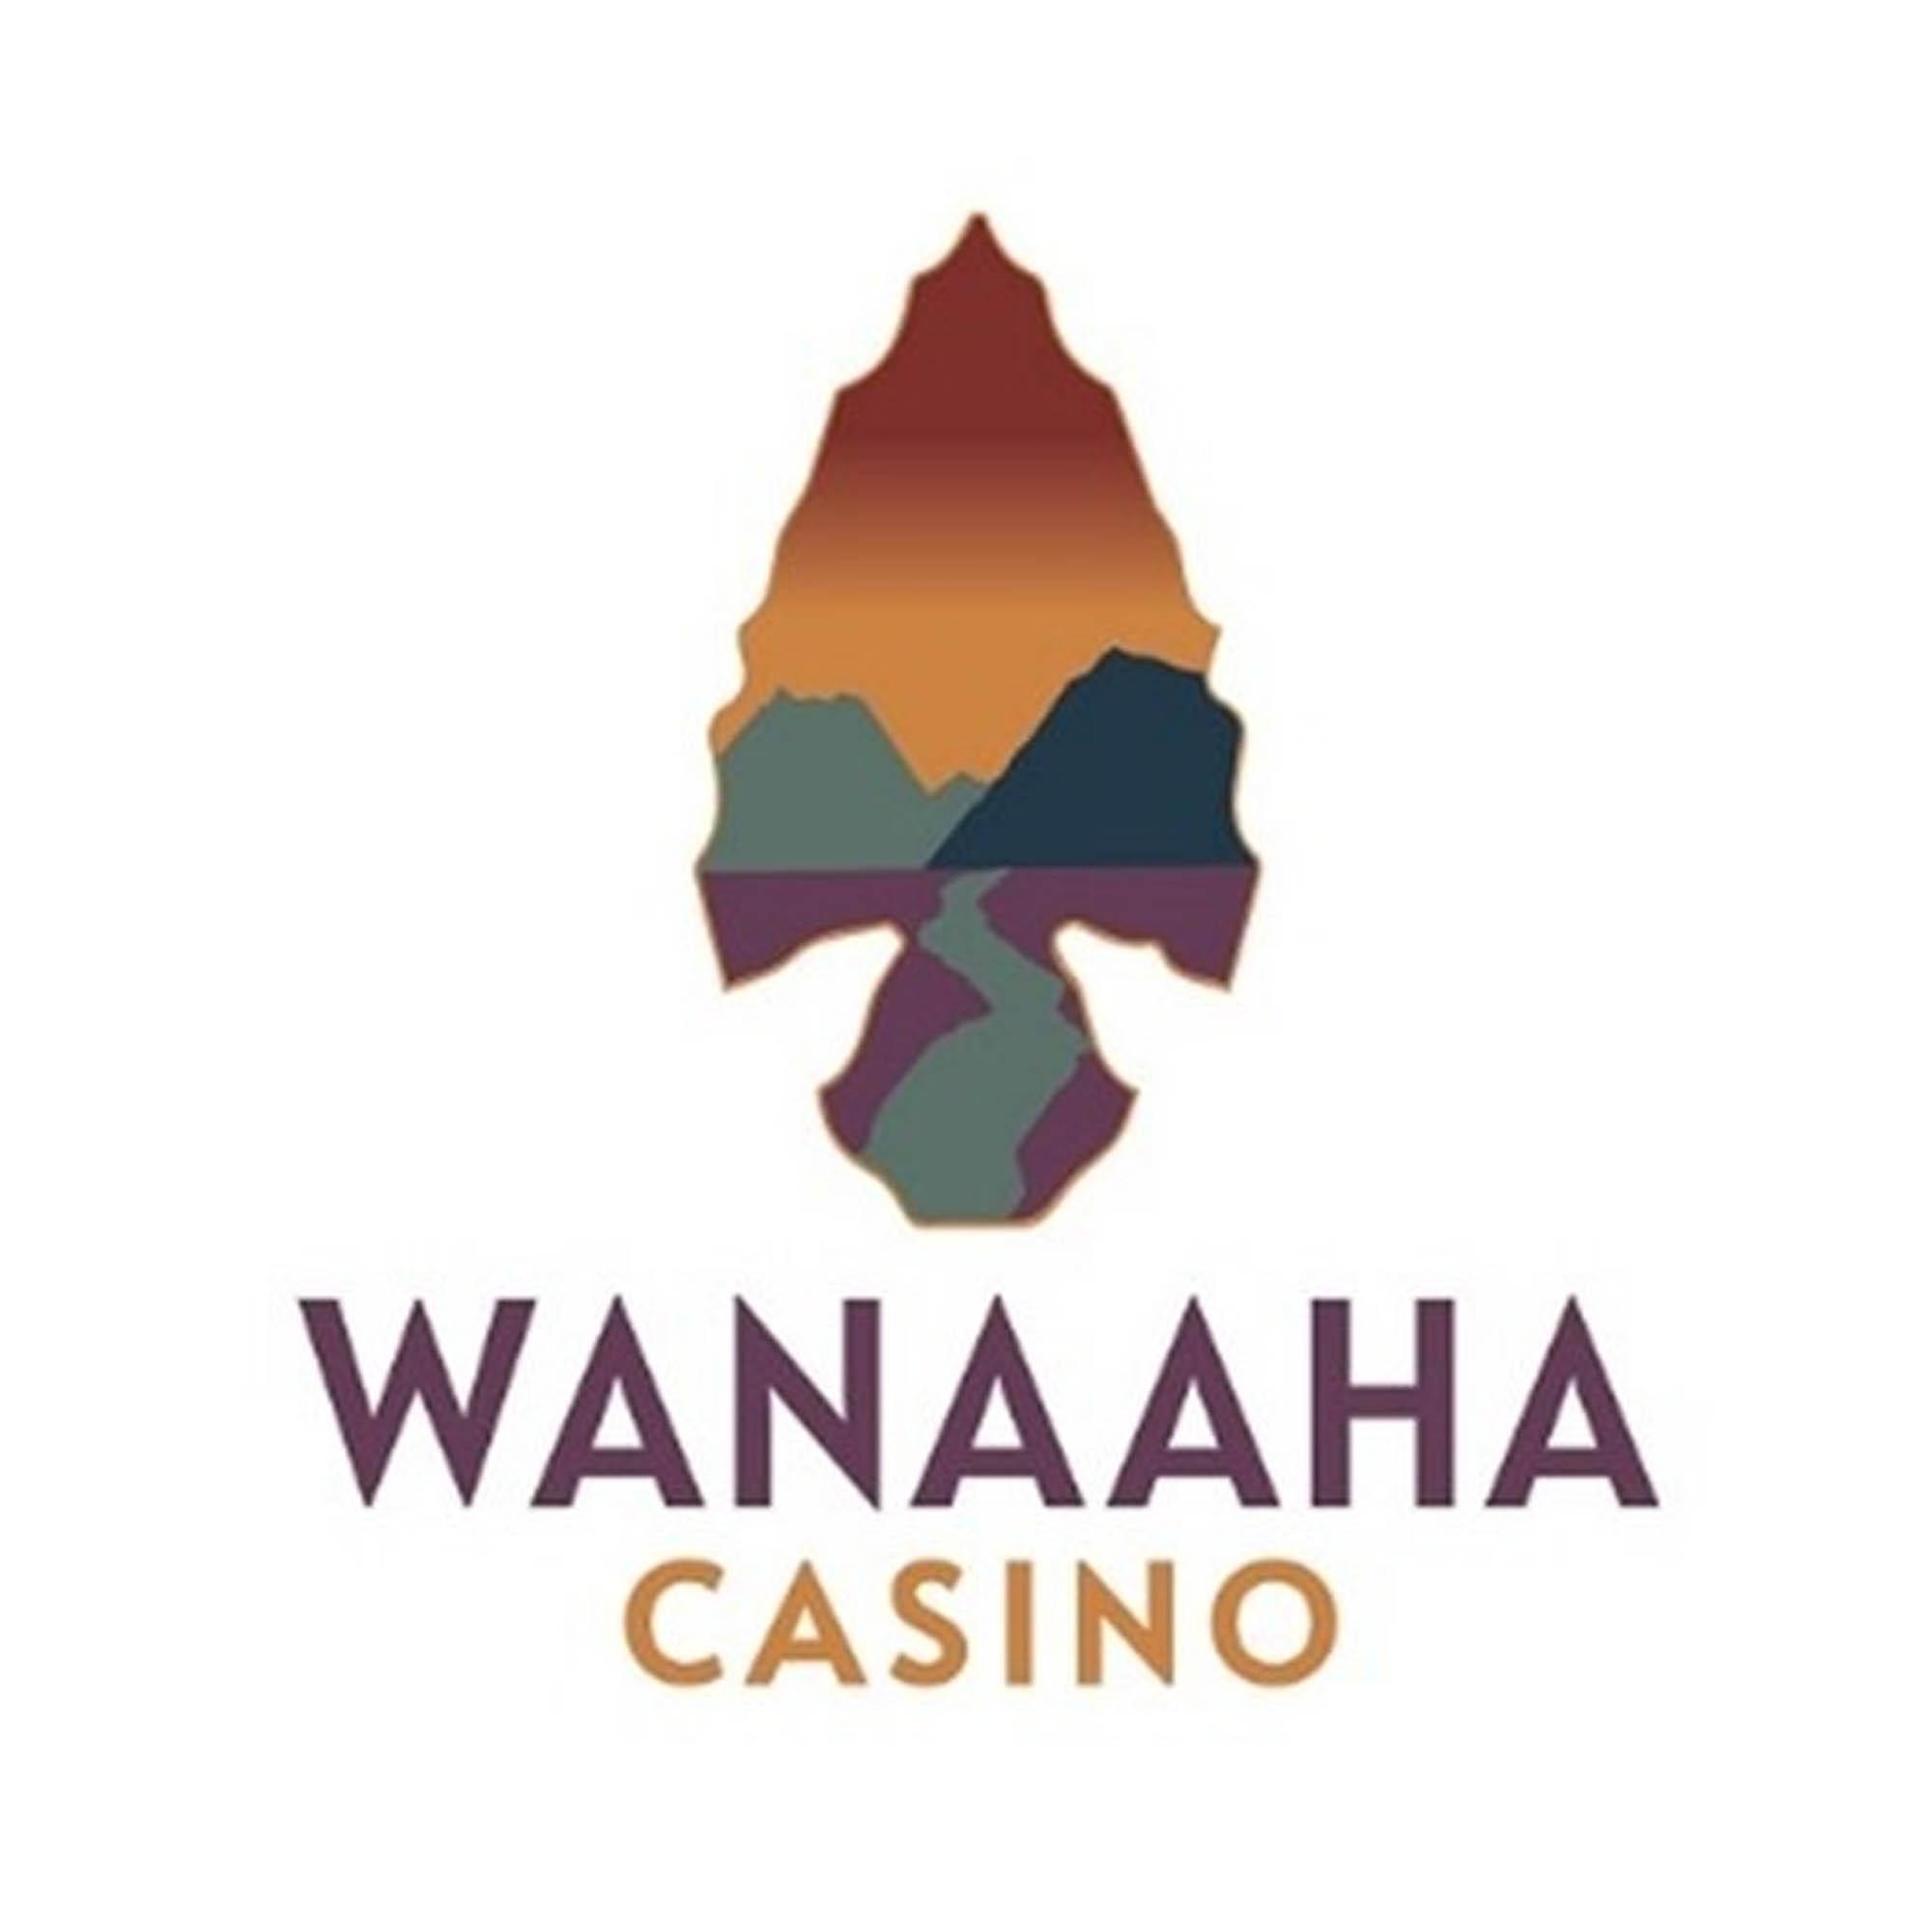 Wanaaha Casino